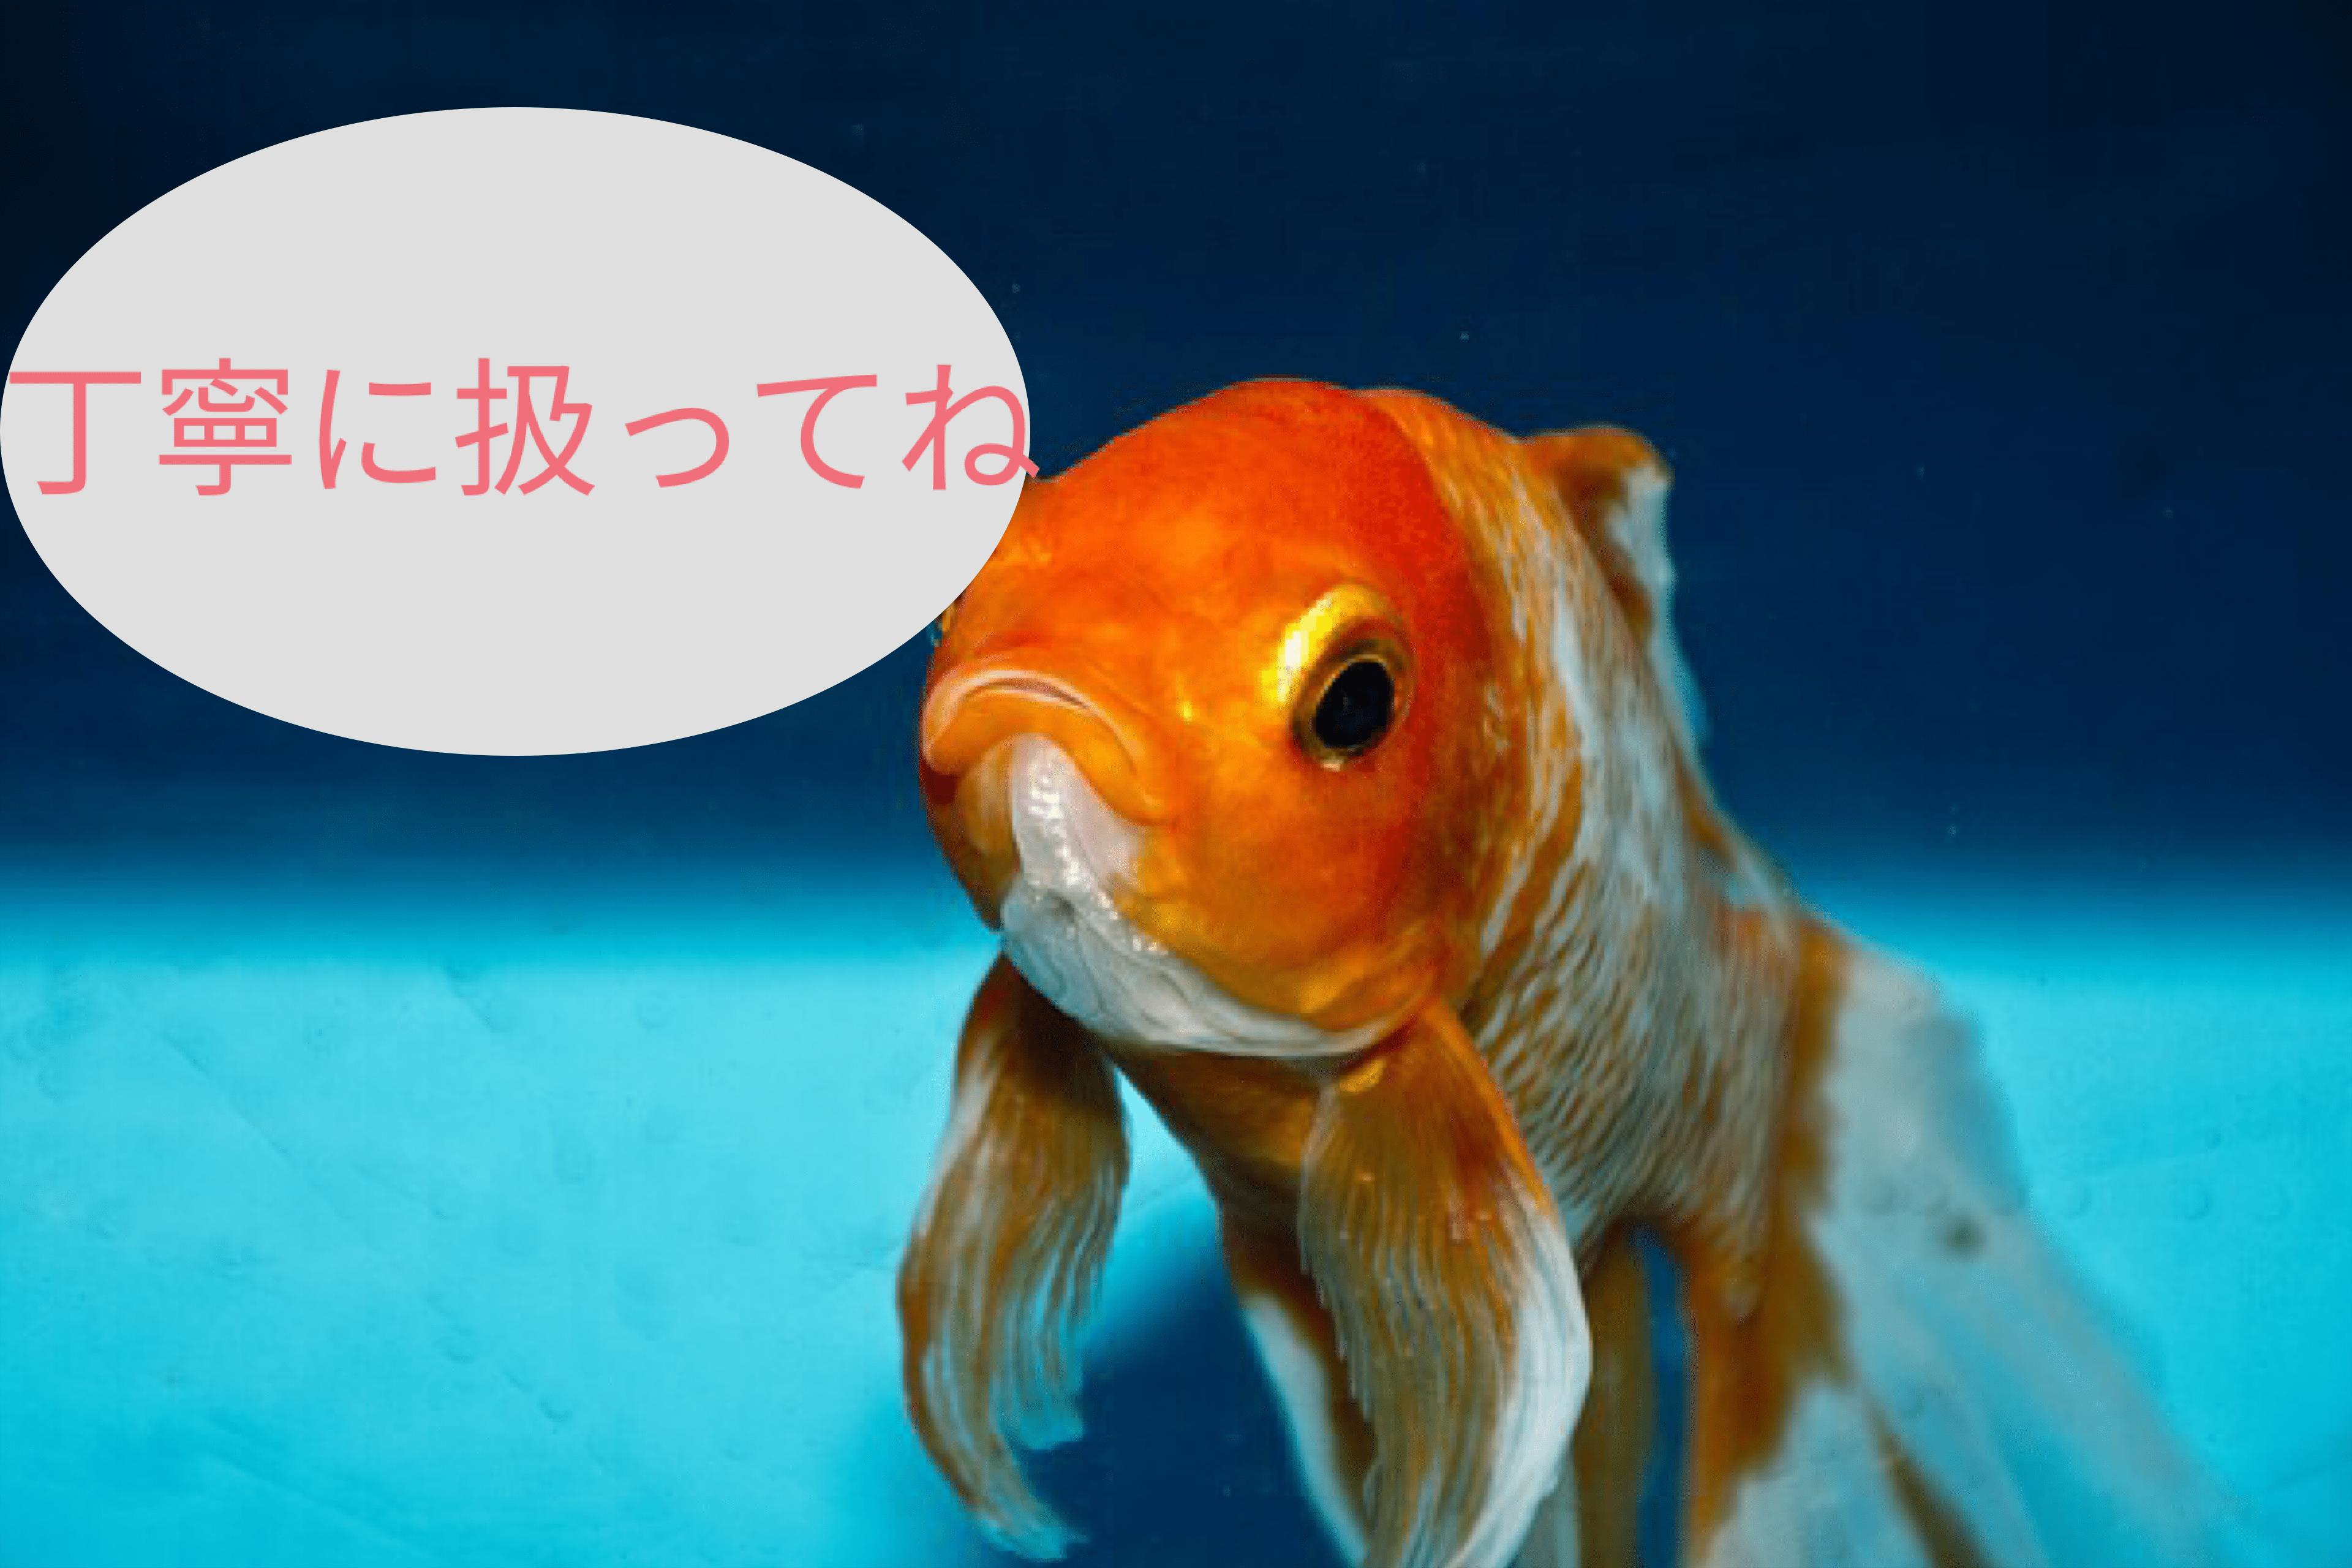 水槽の掃除をするとき、魚は入れたままでOK?魚目線で考えると